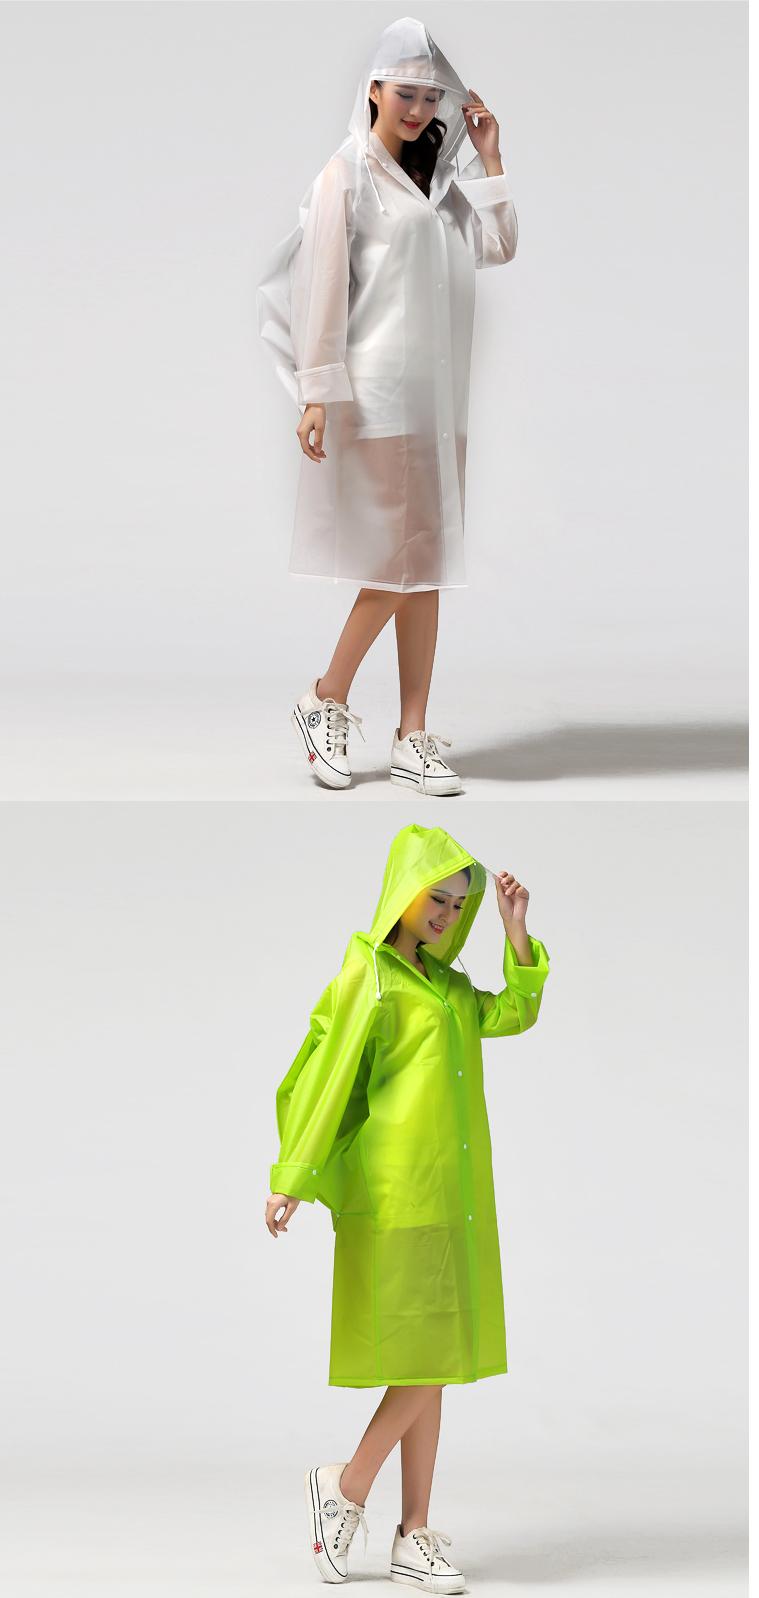 Women Transparent Portable Long Raincoats 21